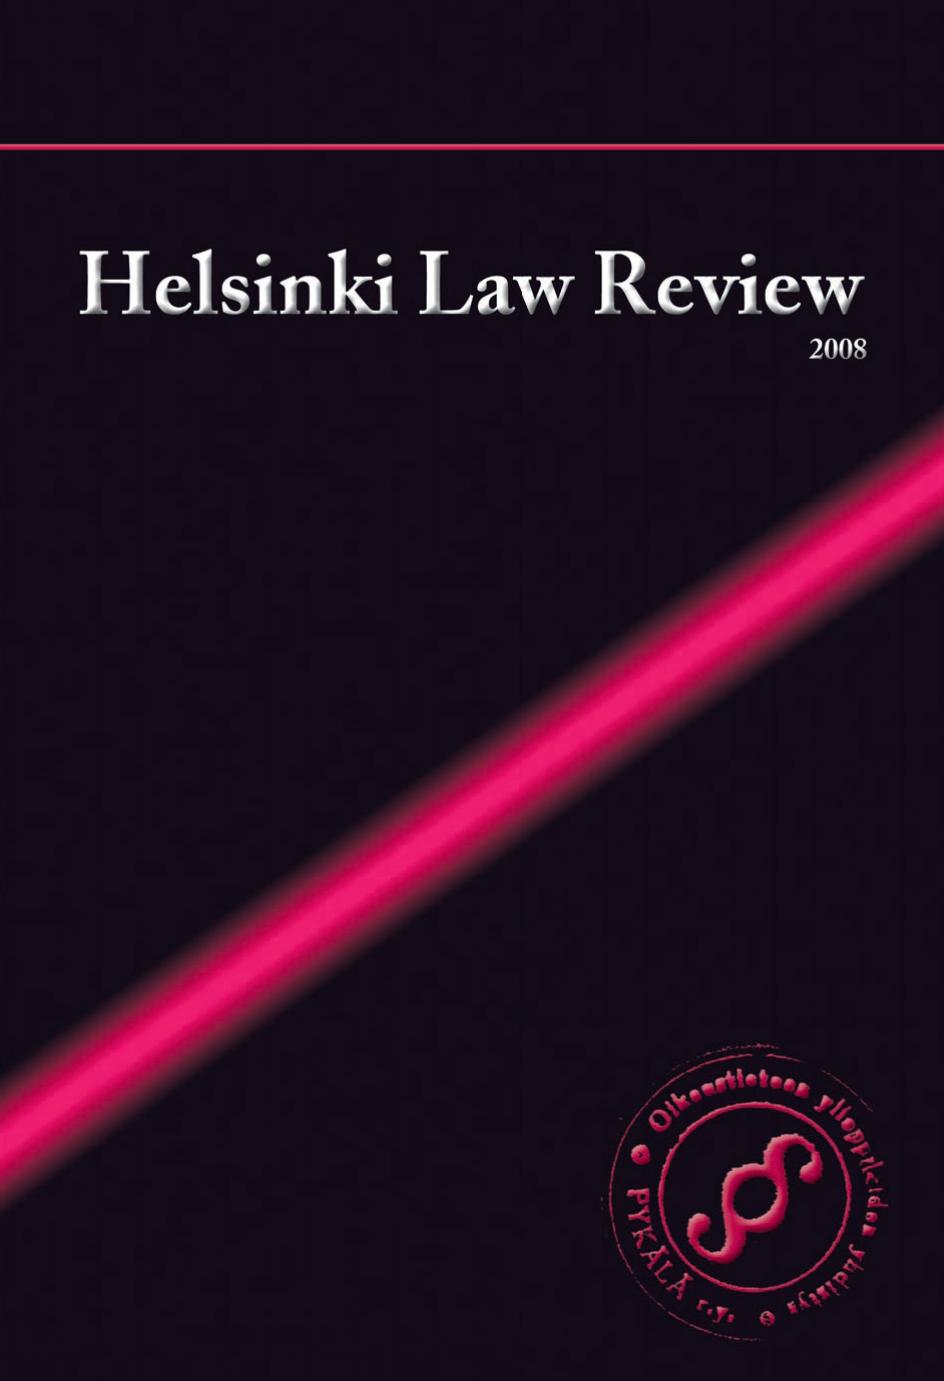 Näytä Vol 2 Nro 1 (2008): Helsinki Law Review 1/2008